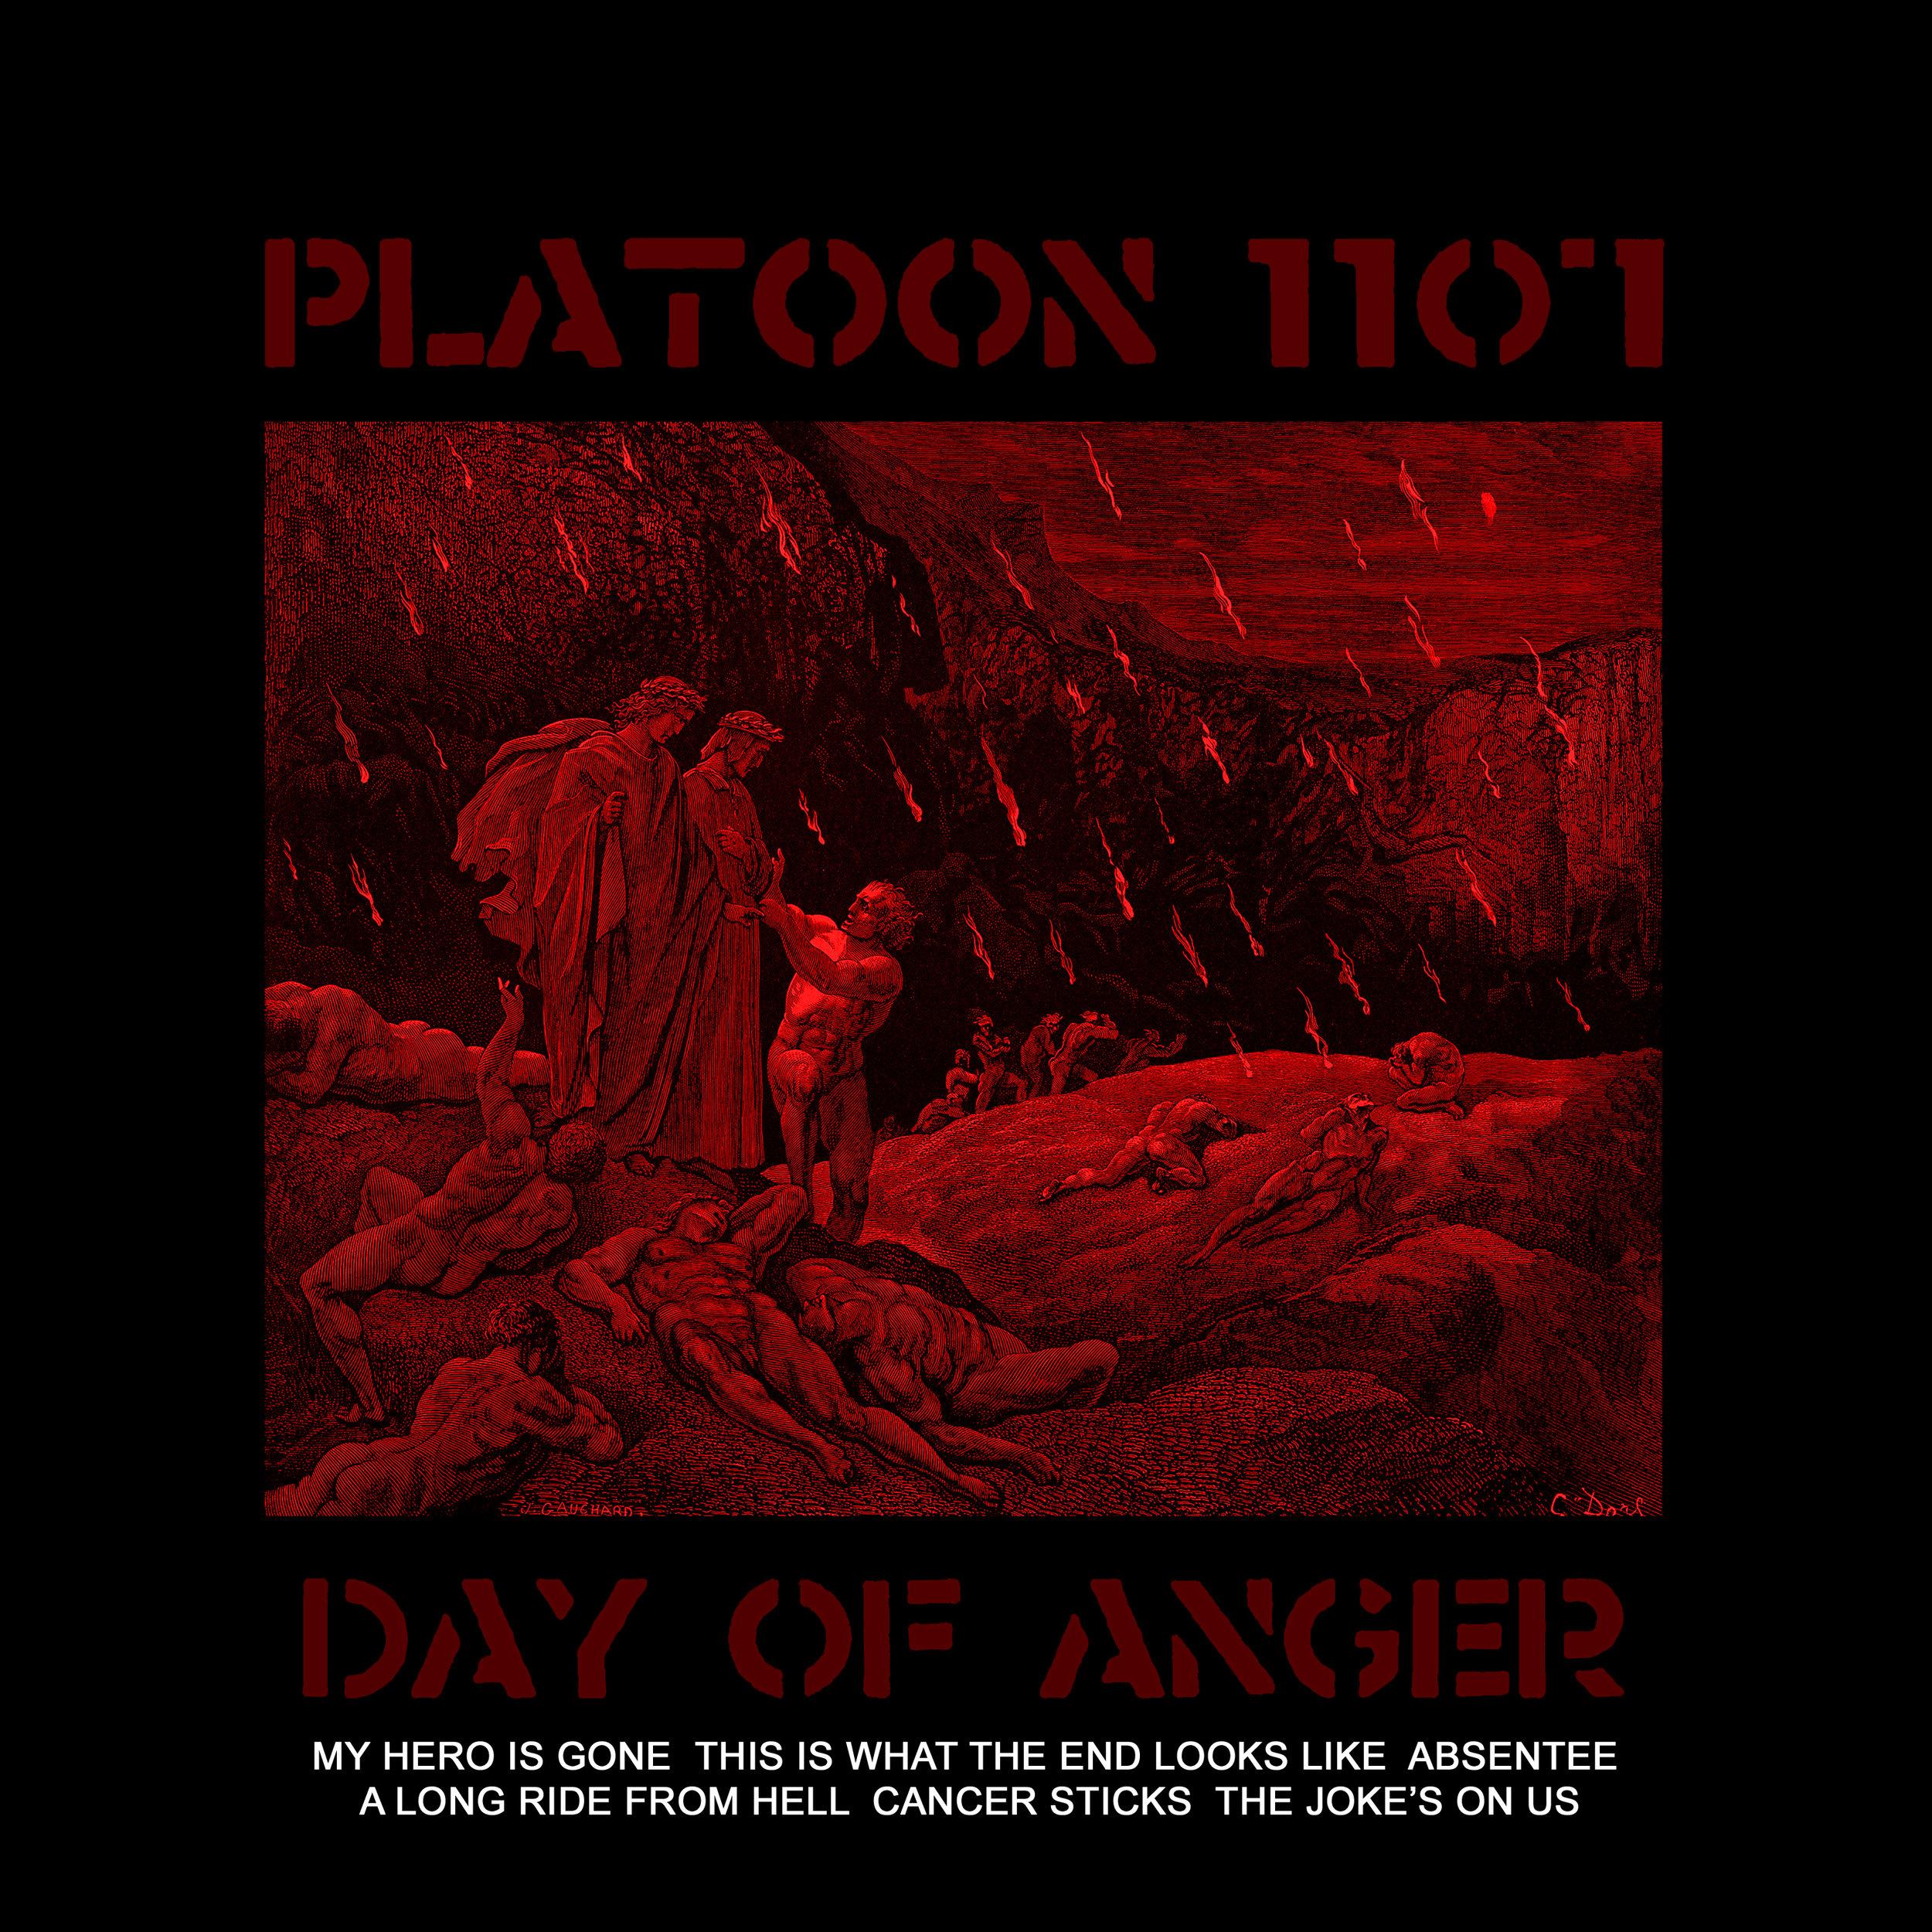 PLATOON 1107 - Day of Anger album cover.jpg